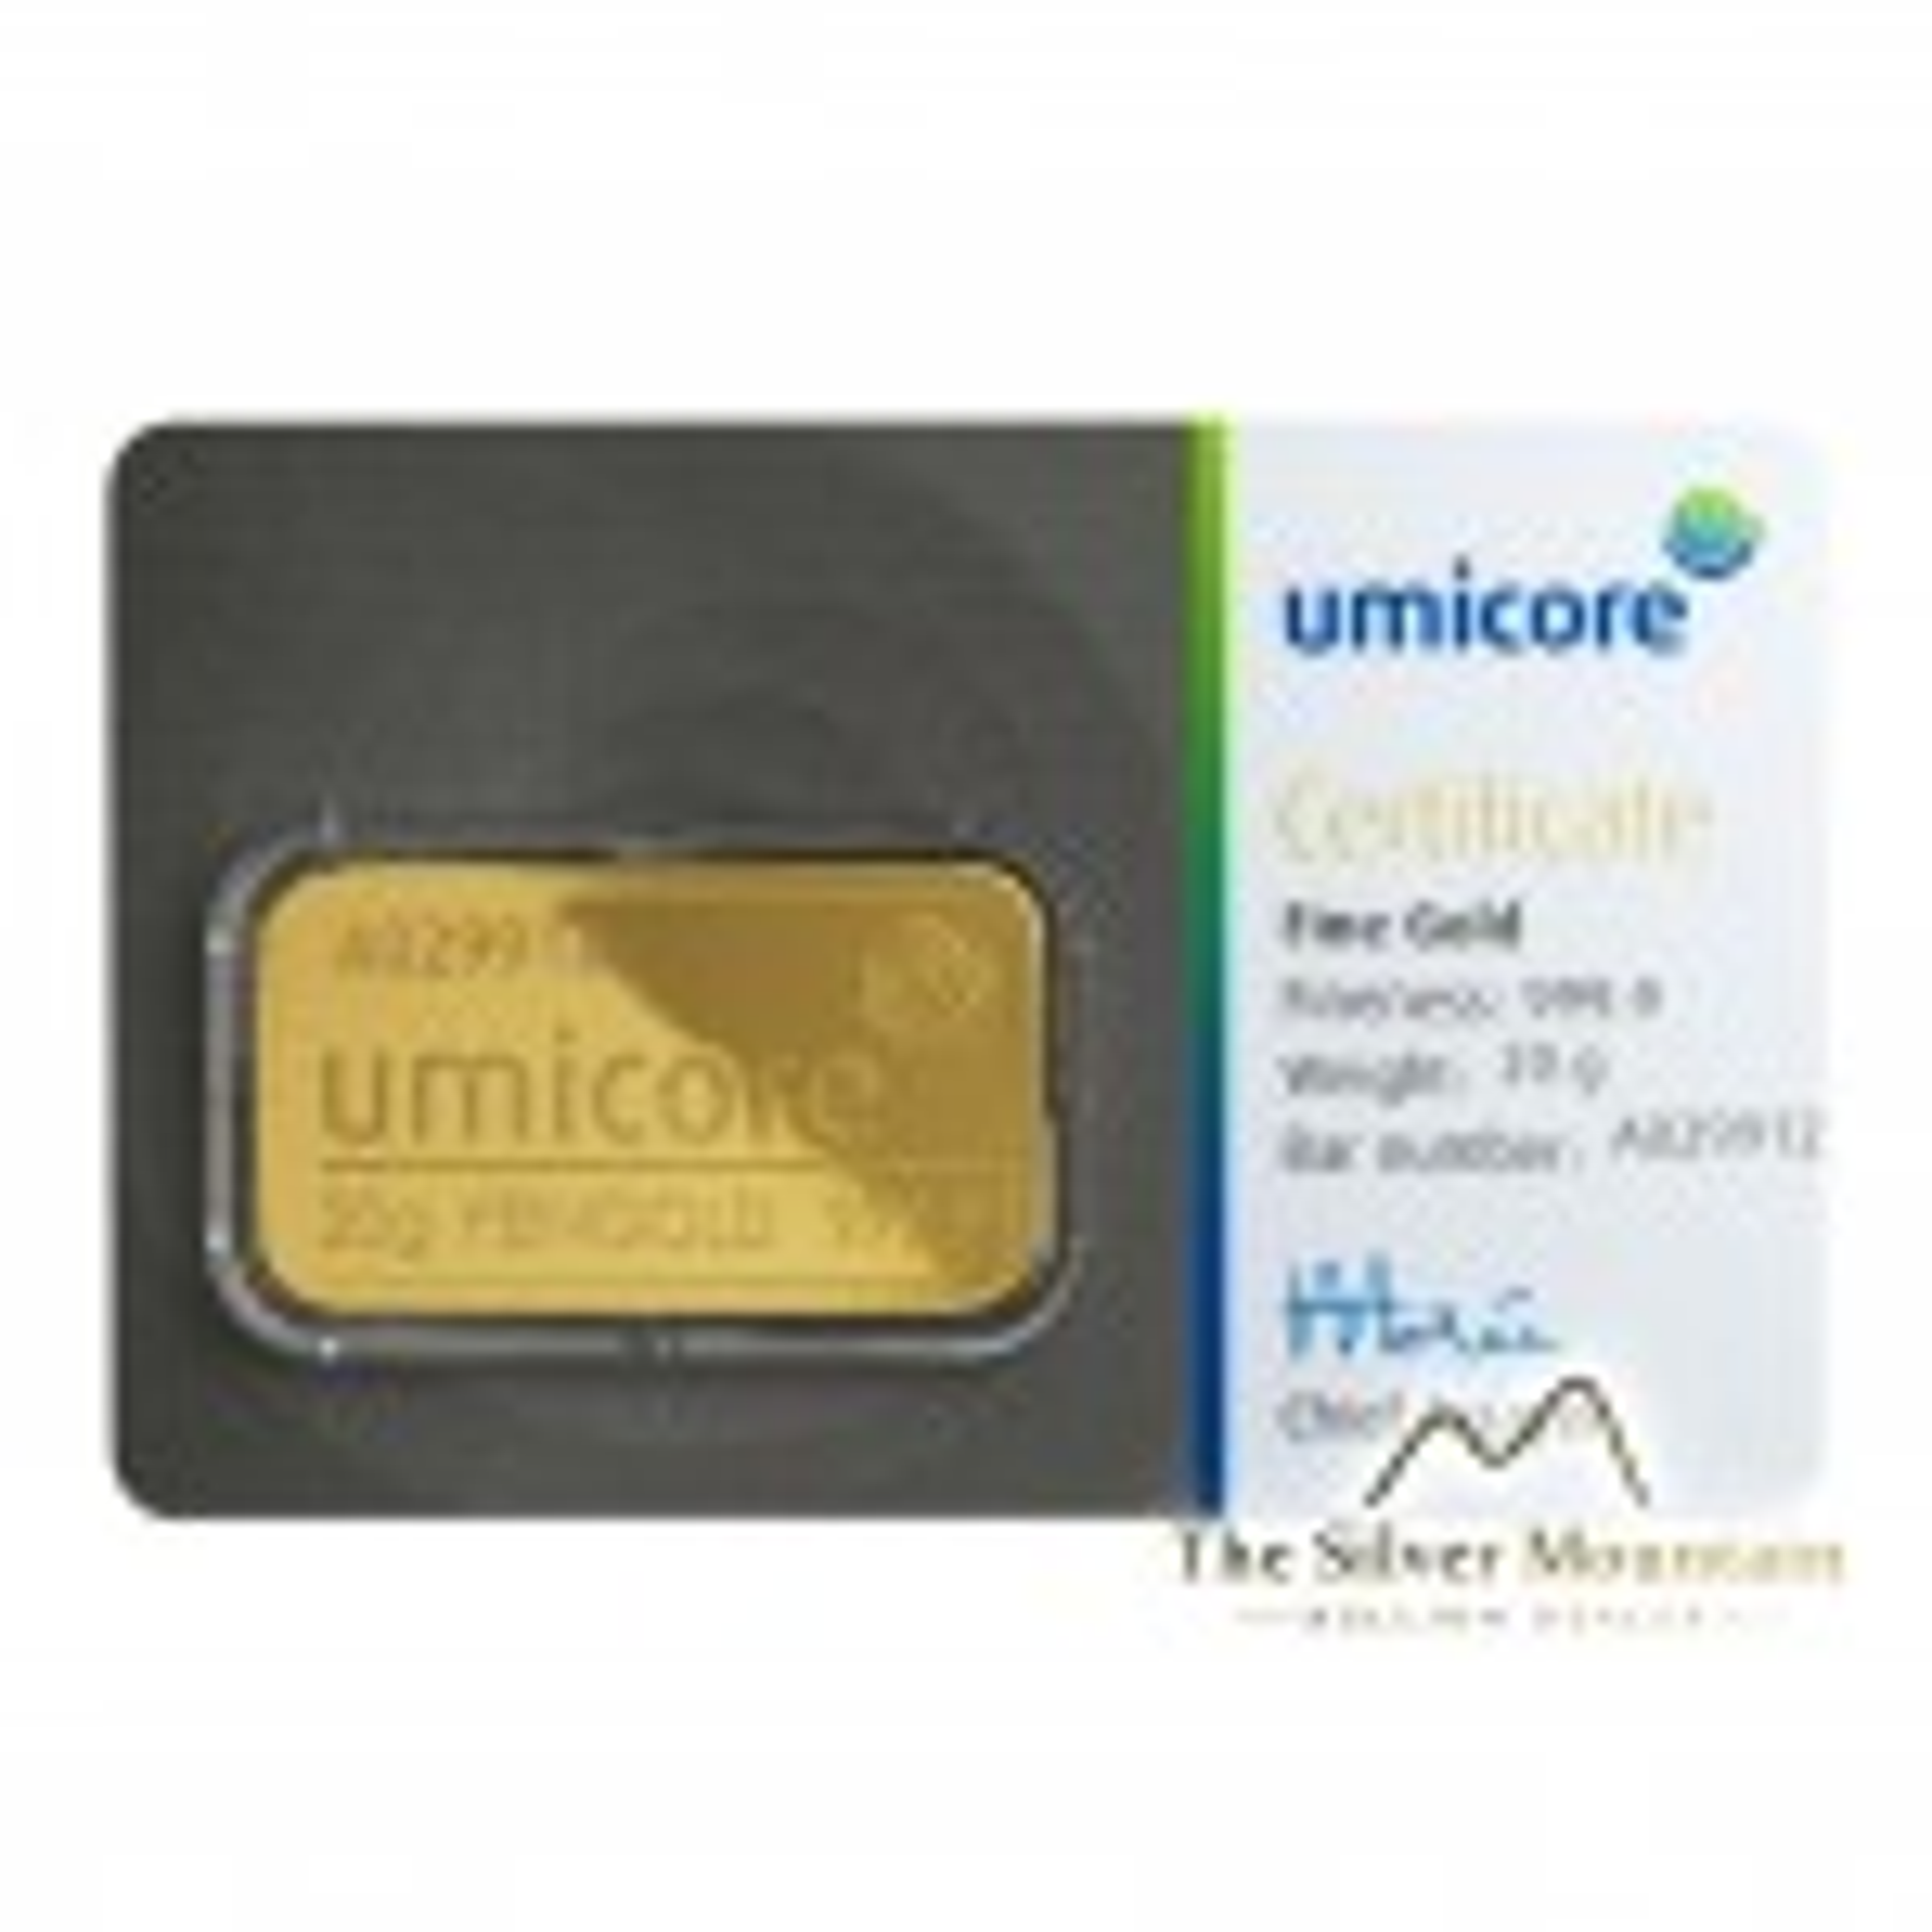 Goudbaar 20 gram Umicore met certificaat